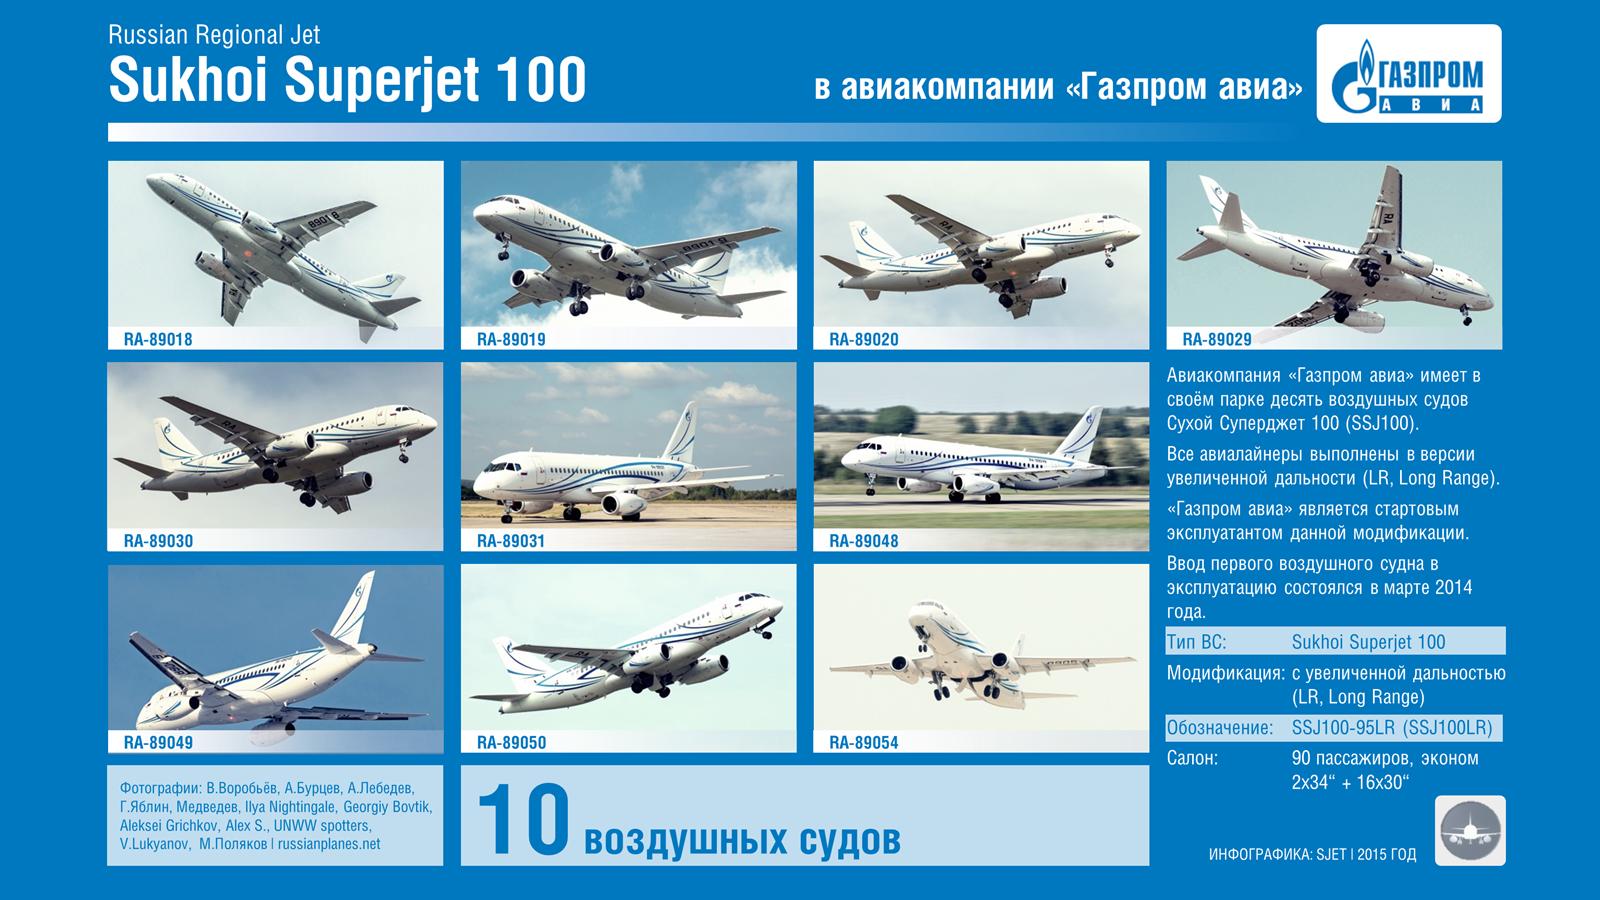 Итоги и перспективы полетов ssj-100 за 10 лет